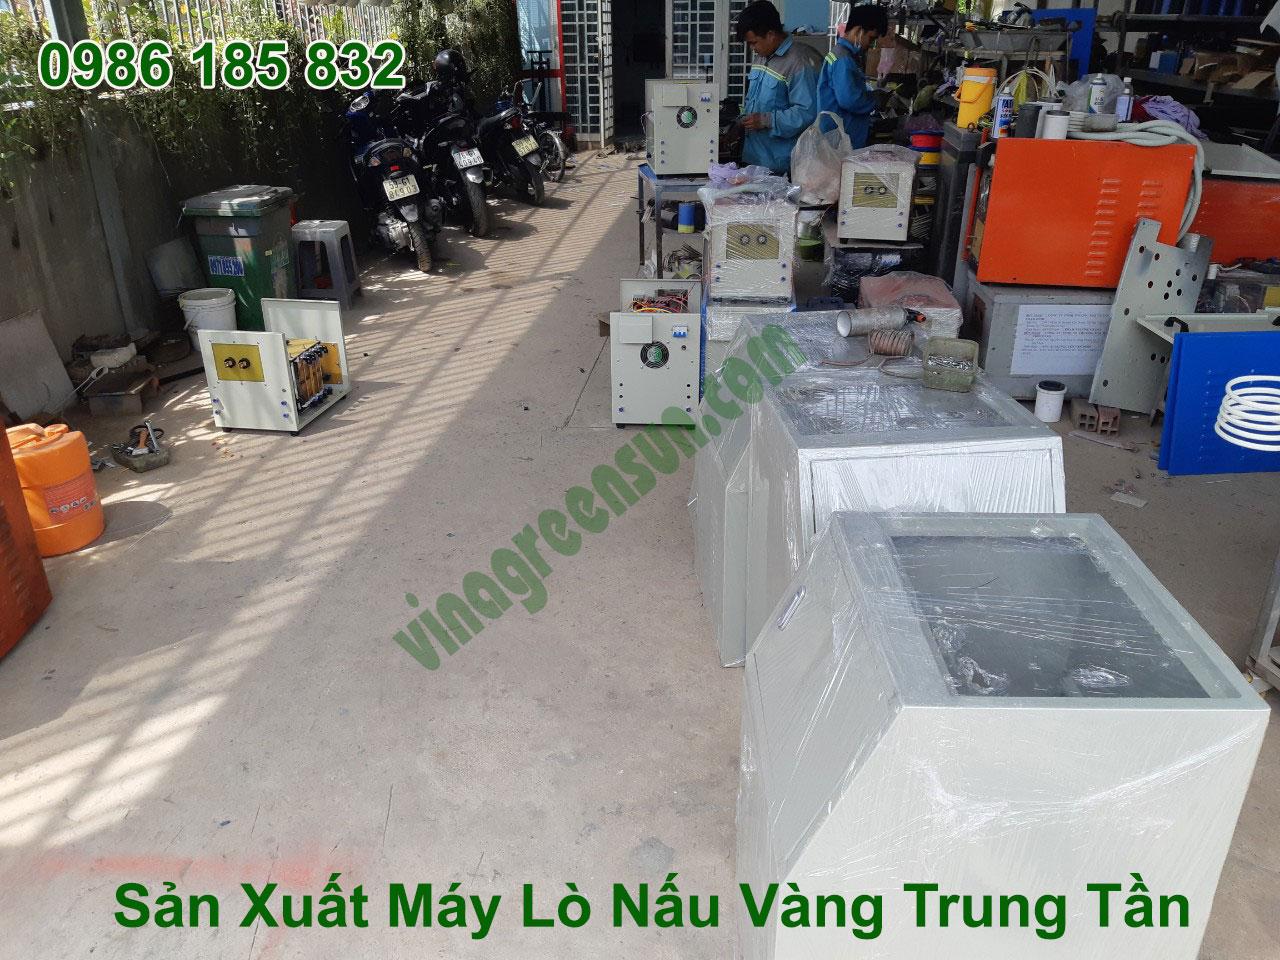 Sản xuất máy nấu vàng trung tần